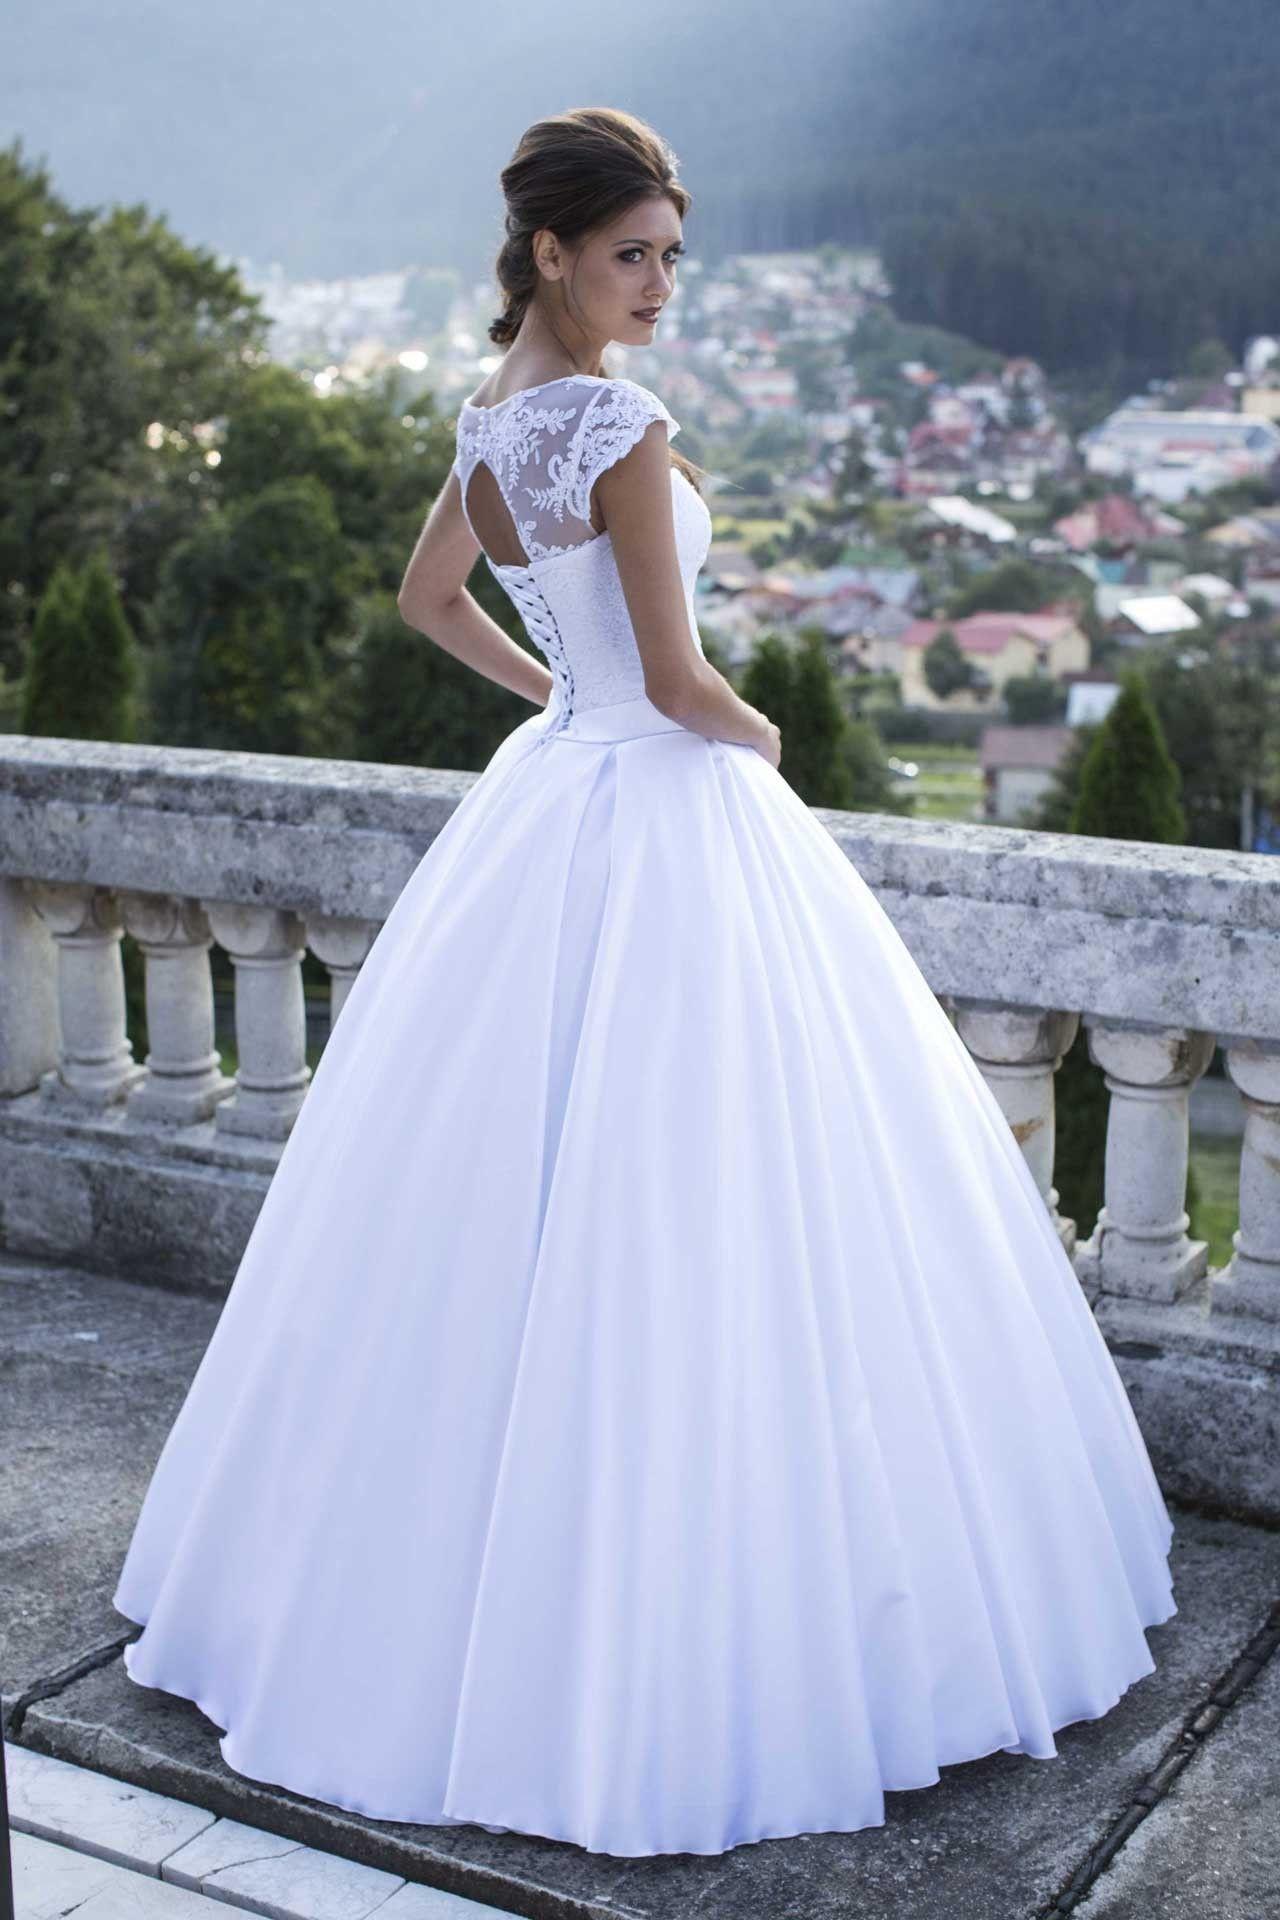 d201a1f47248 Značkované svadobné šaty na predaj s čipkovaným korzetom a saténovou sukňou